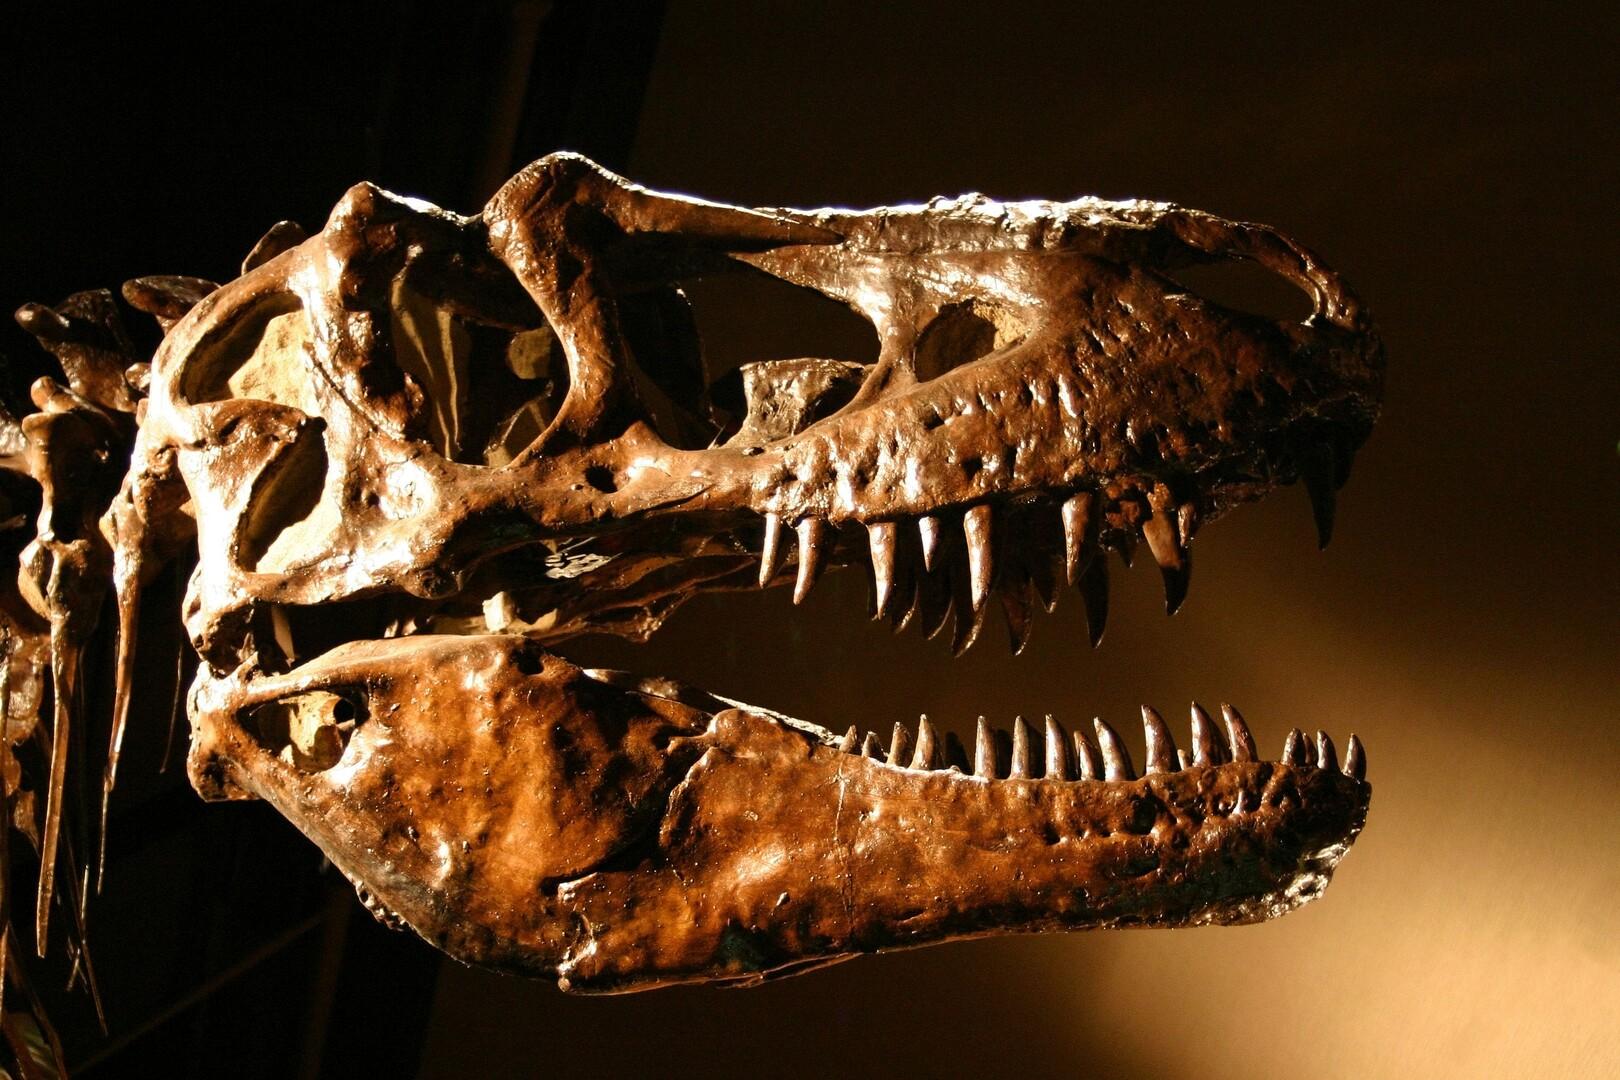 علماء يحلون لغزا لدى حيوان مفترس حيرهم لسنوات!